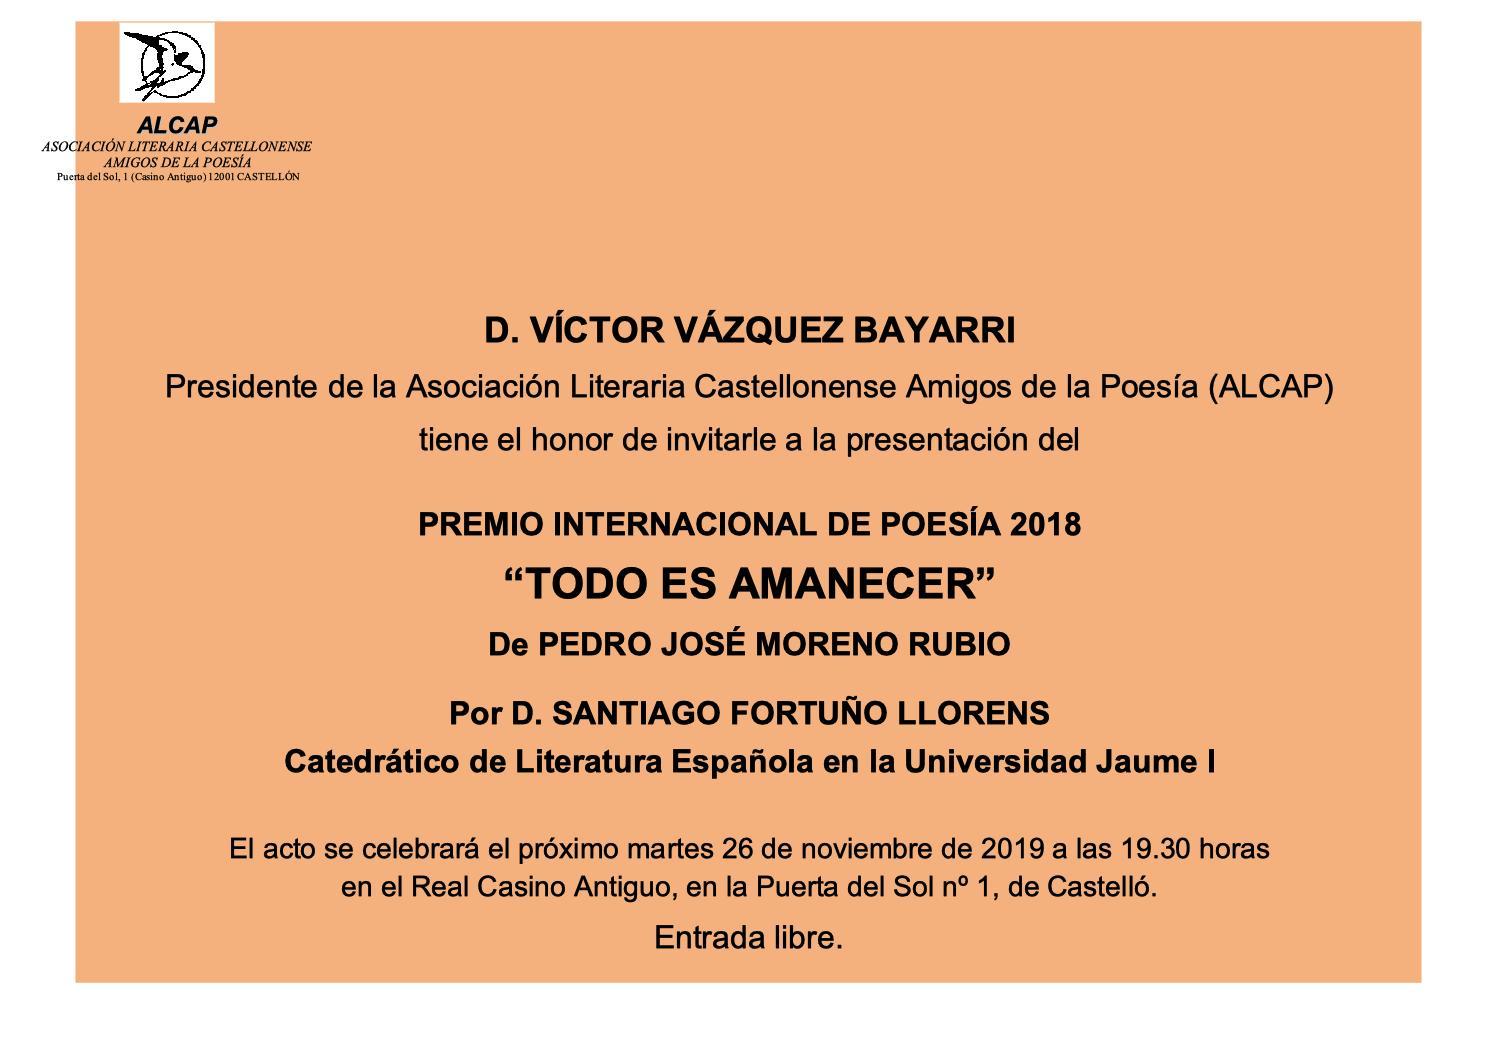 INVITACIÓN NOVIEMBRE 2019 - PRESENTACIÓN PREMIO